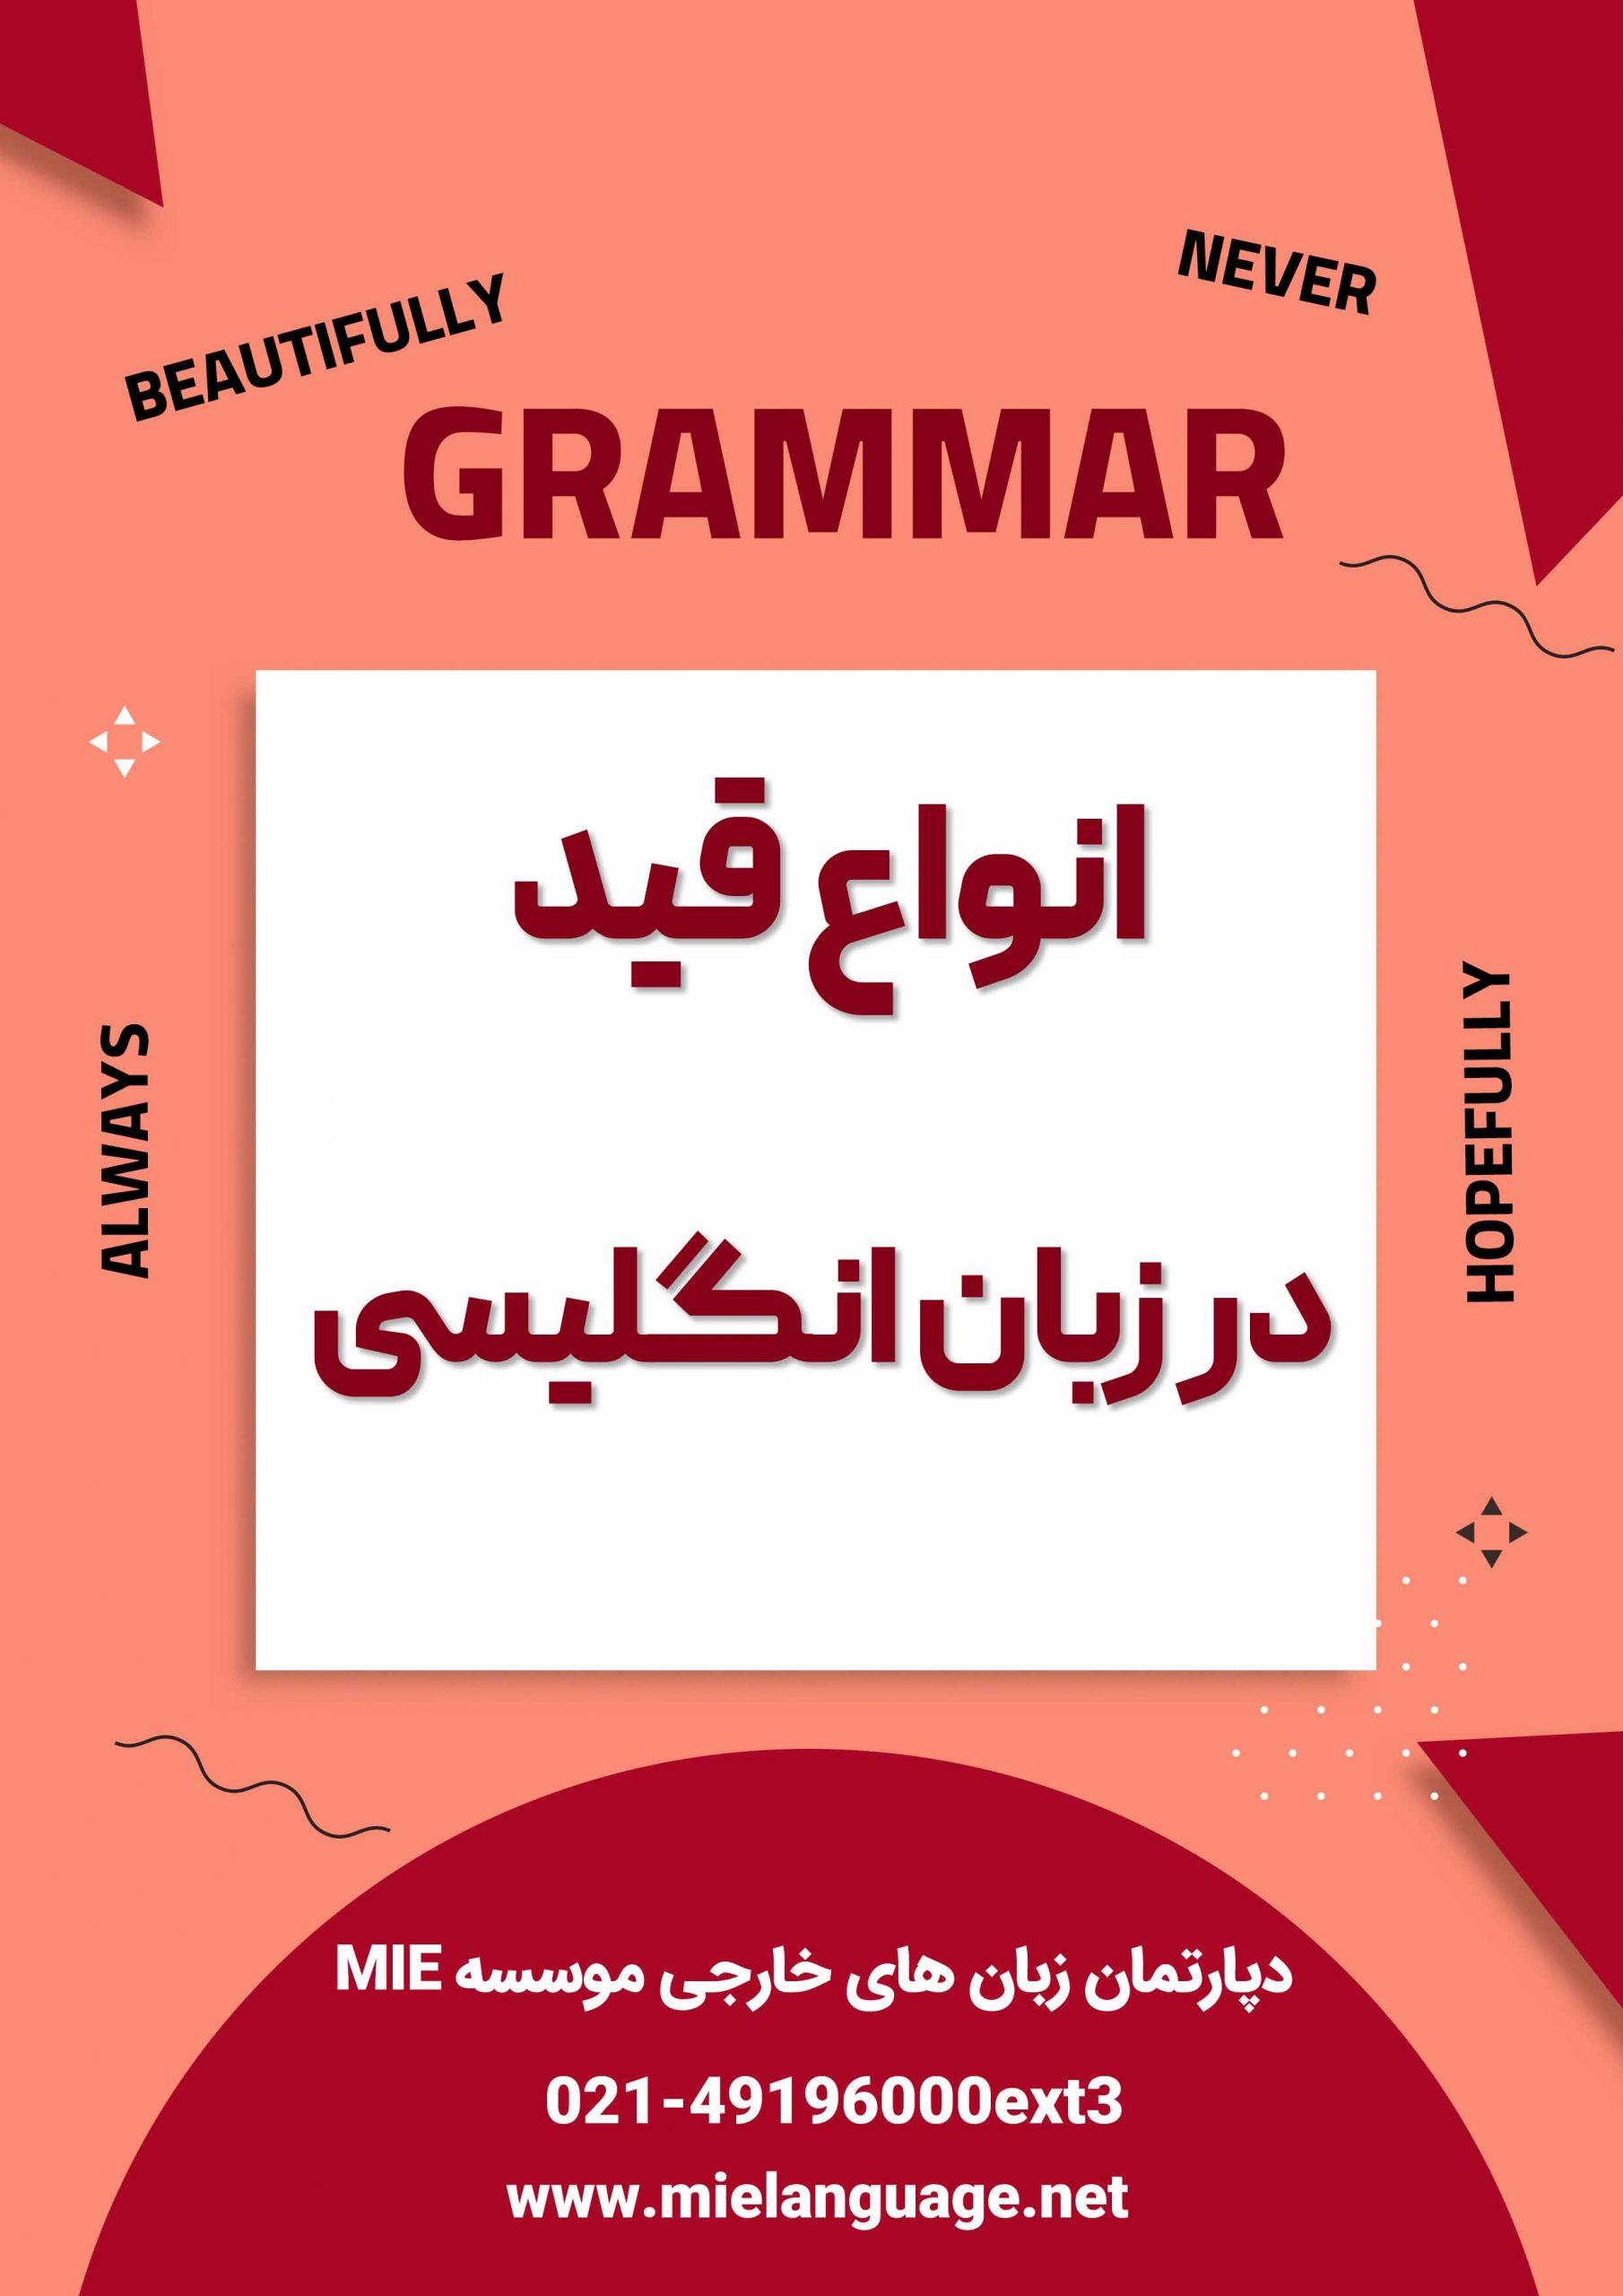 کاربرد انواع قید در زبان انگلیسی